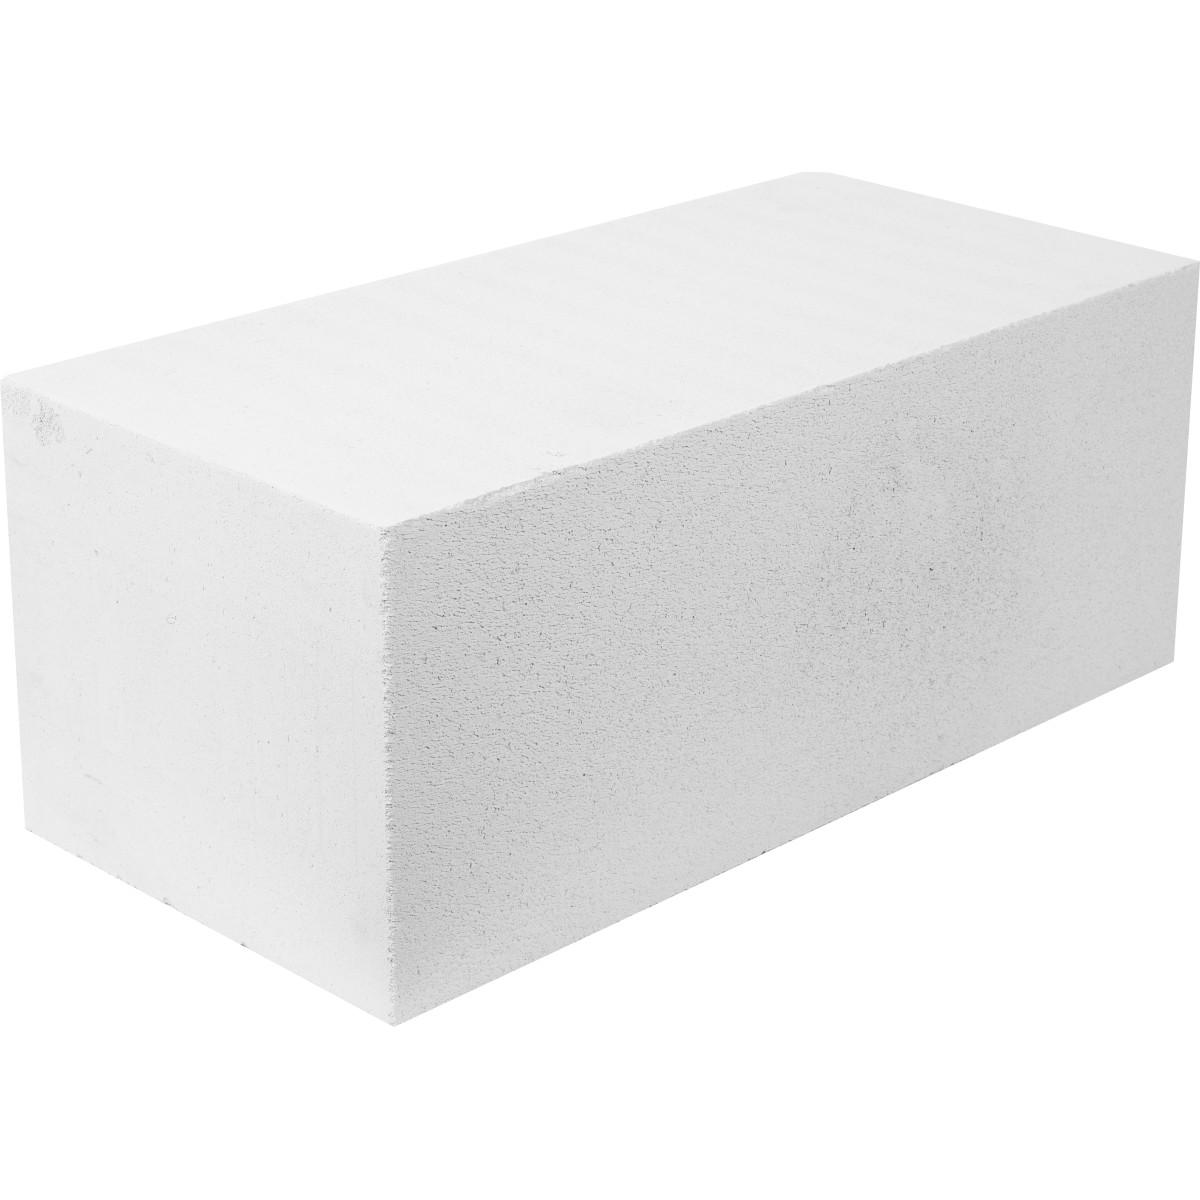 Блок газобетонный D500 600x300x250 мм